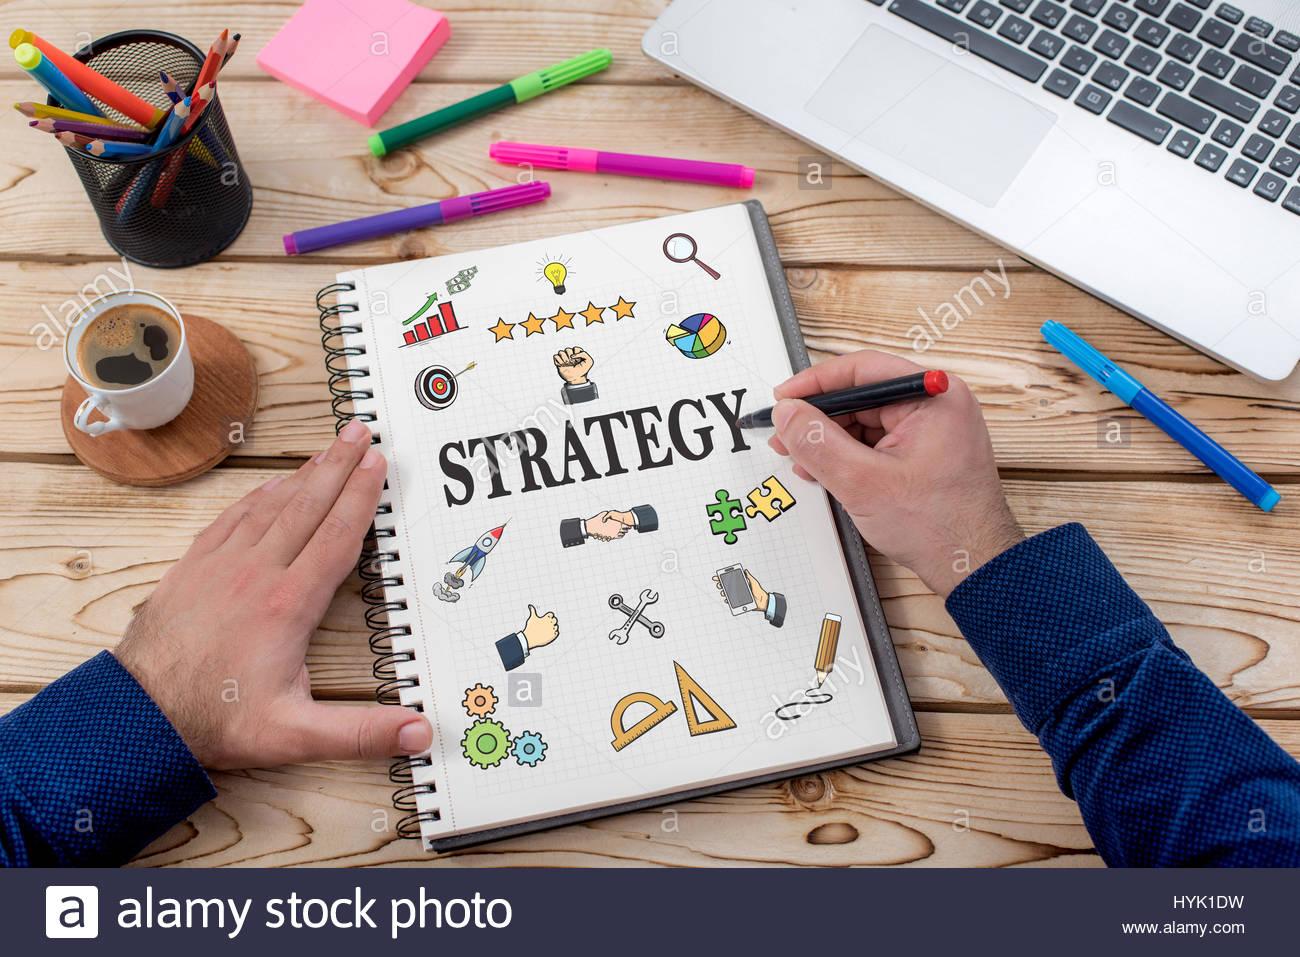 Il concetto di strategia con vari disegnati a mano Doodle icone sulla carta in ufficio Immagini Stock